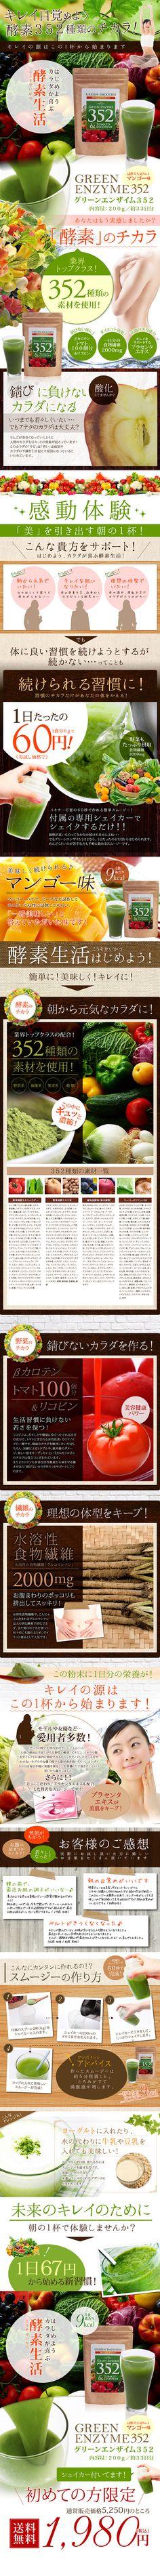 ランディングページ(LP)制作実績。のより制作依頼を受け、美容・健康・医療品の商品ページをデザイン。LPOならランディングページ制作.jp Japan Design, Web Design, Landing Page Design, Ecommerce, Lose Weight, Menu, Recipe, Honey, Japanese Design